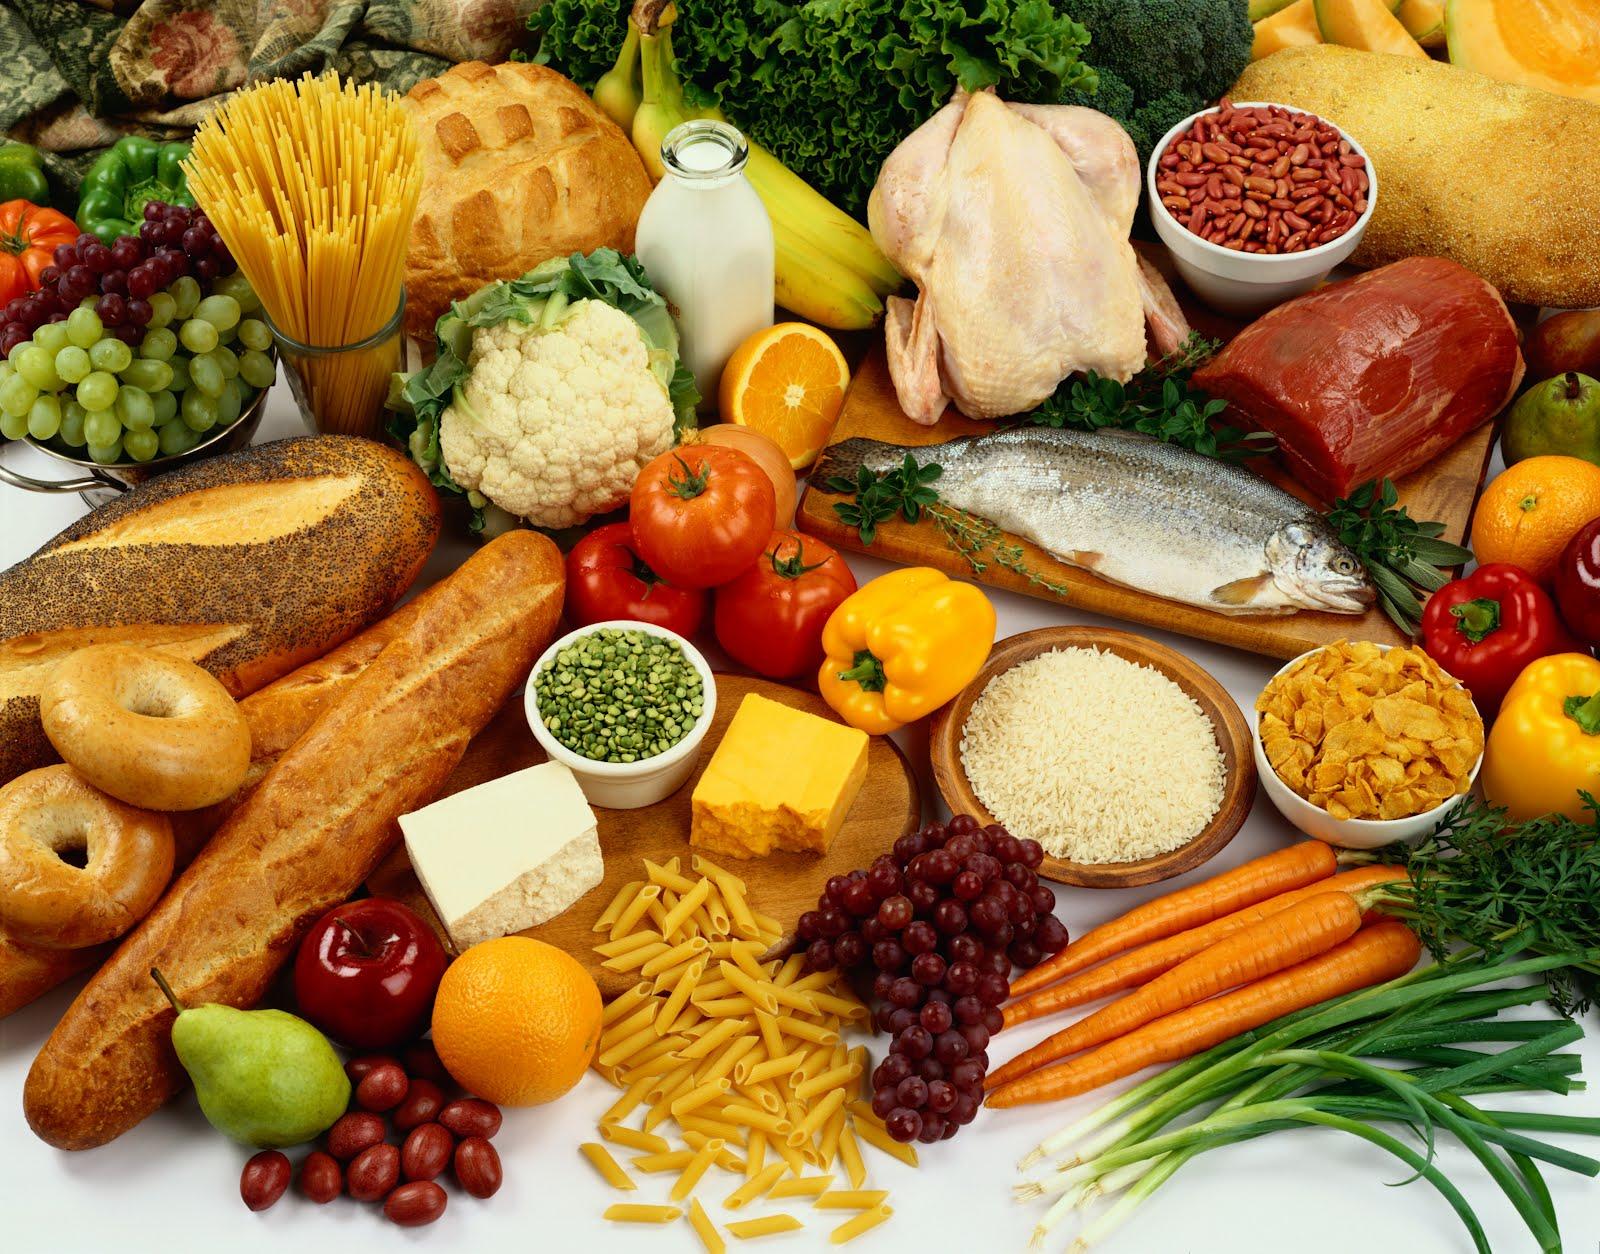 Украинцы чрезмерно увлечены едой